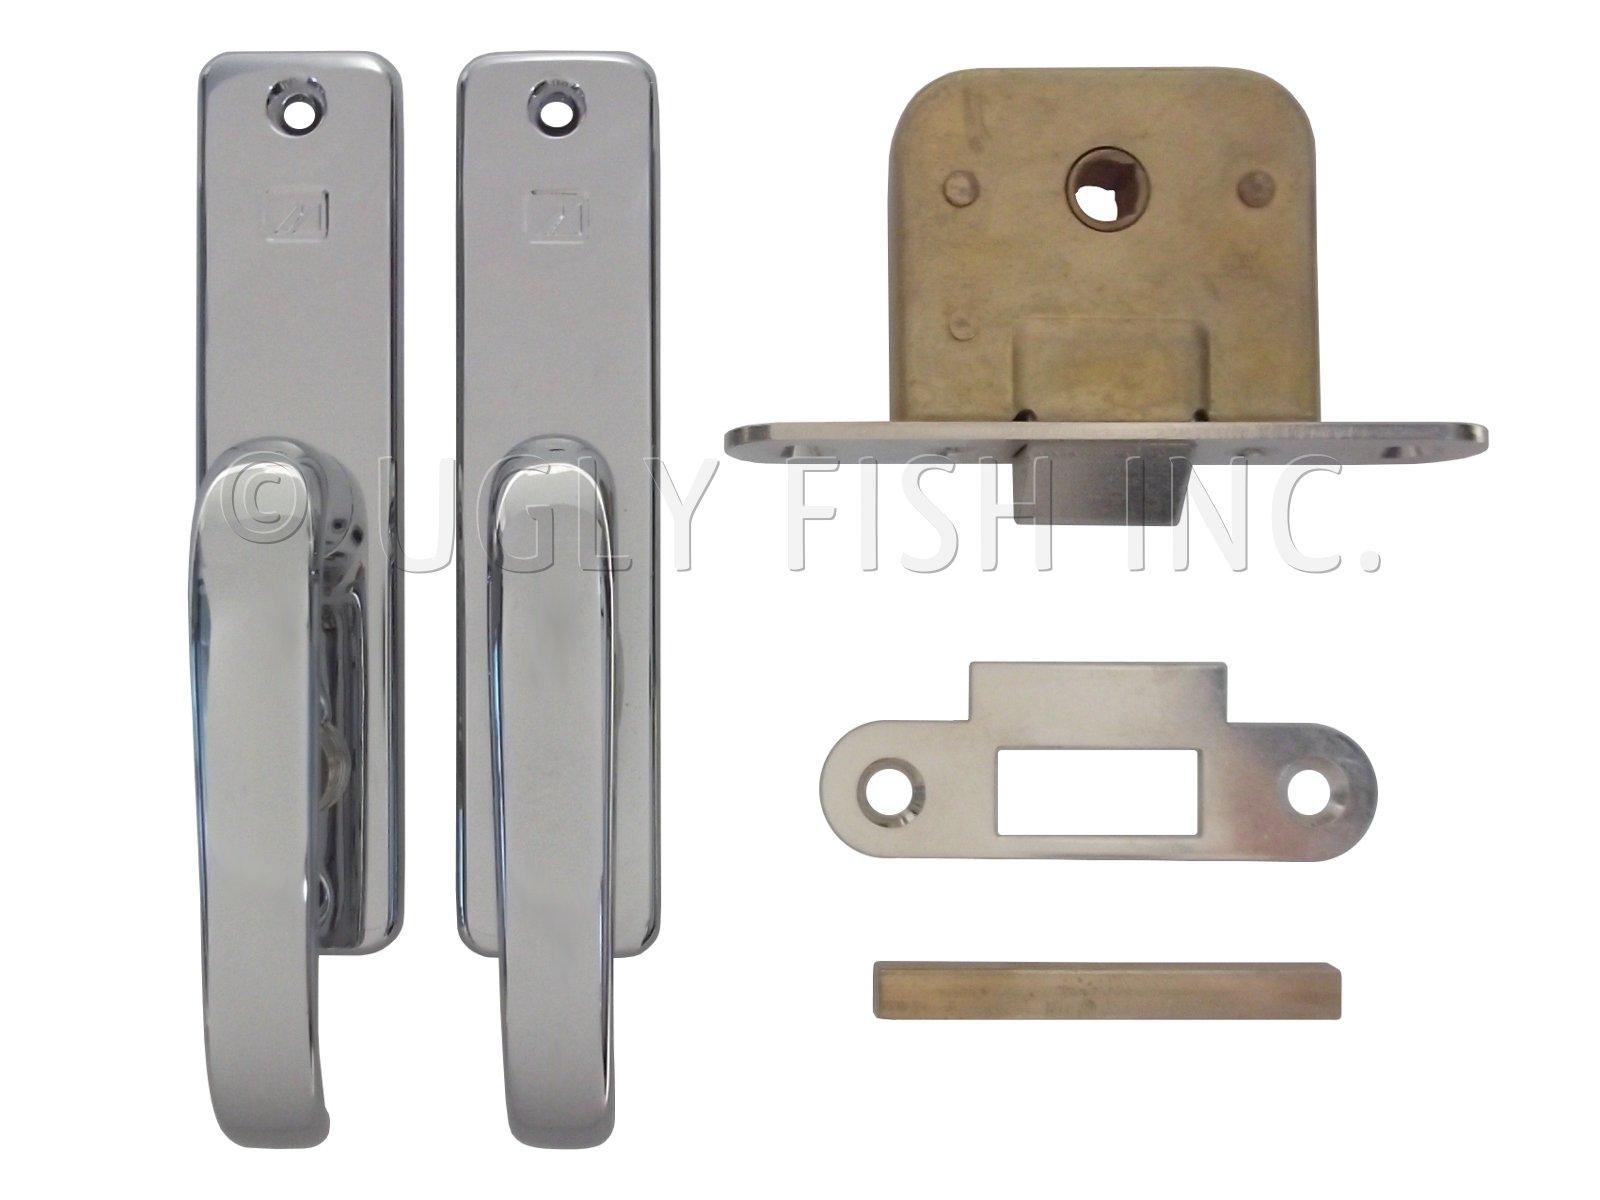 MC-99-1-9523 Mobella Small Privacy Lock